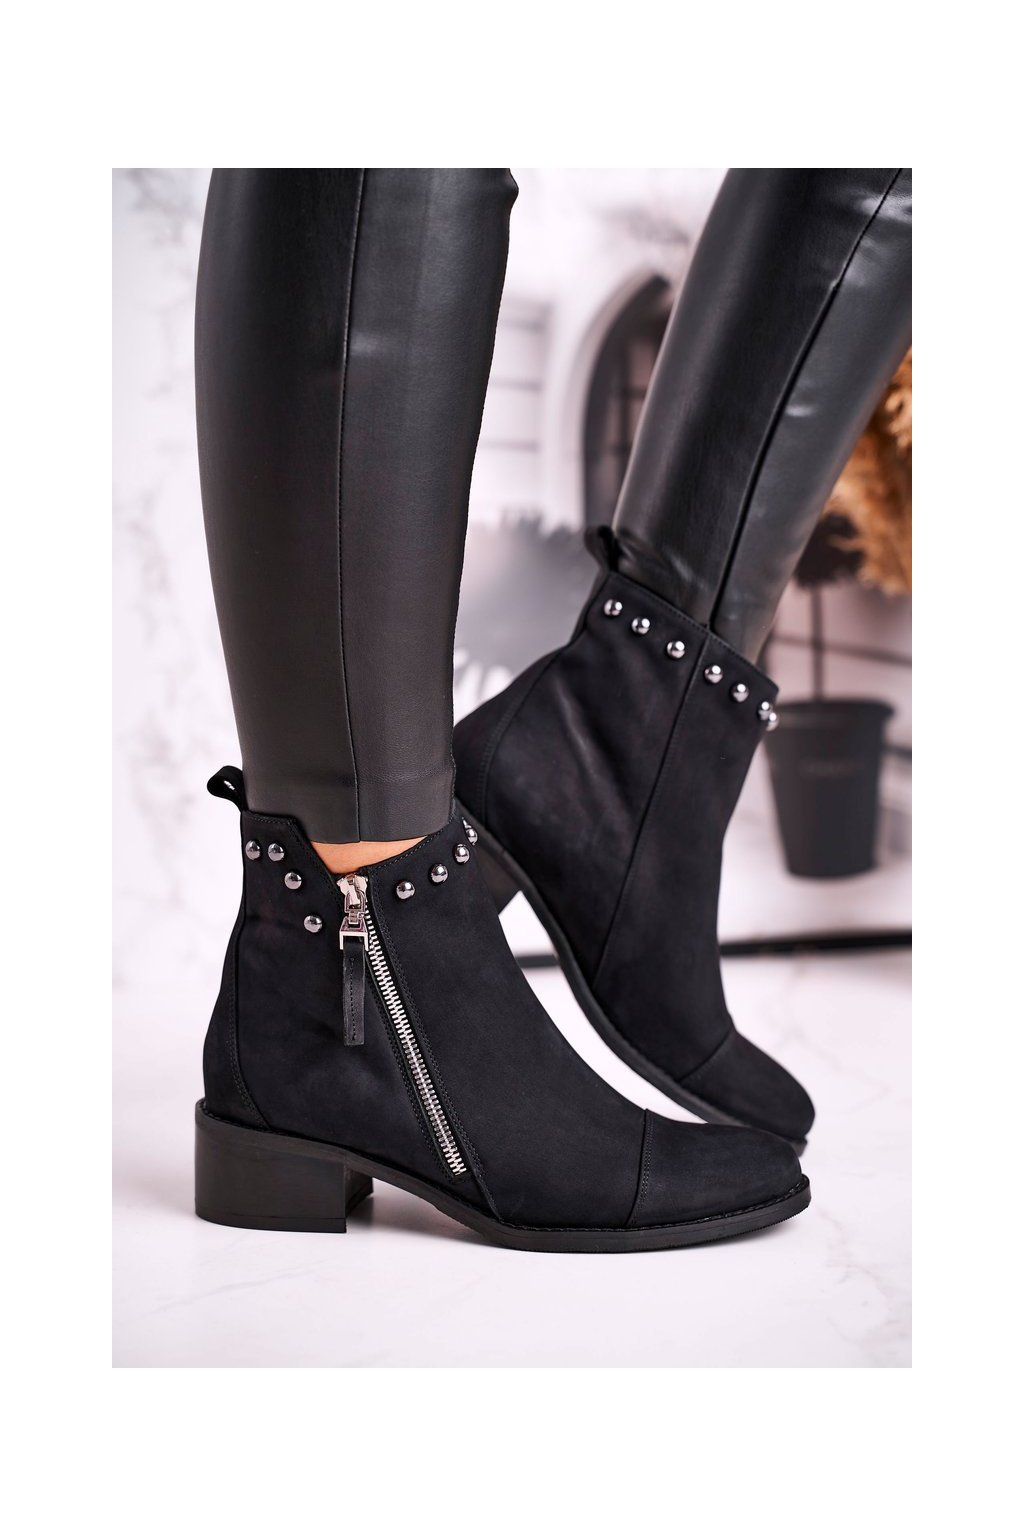 Členkové topánky na podpätku farba čierna kód obuvi 1879 BLK